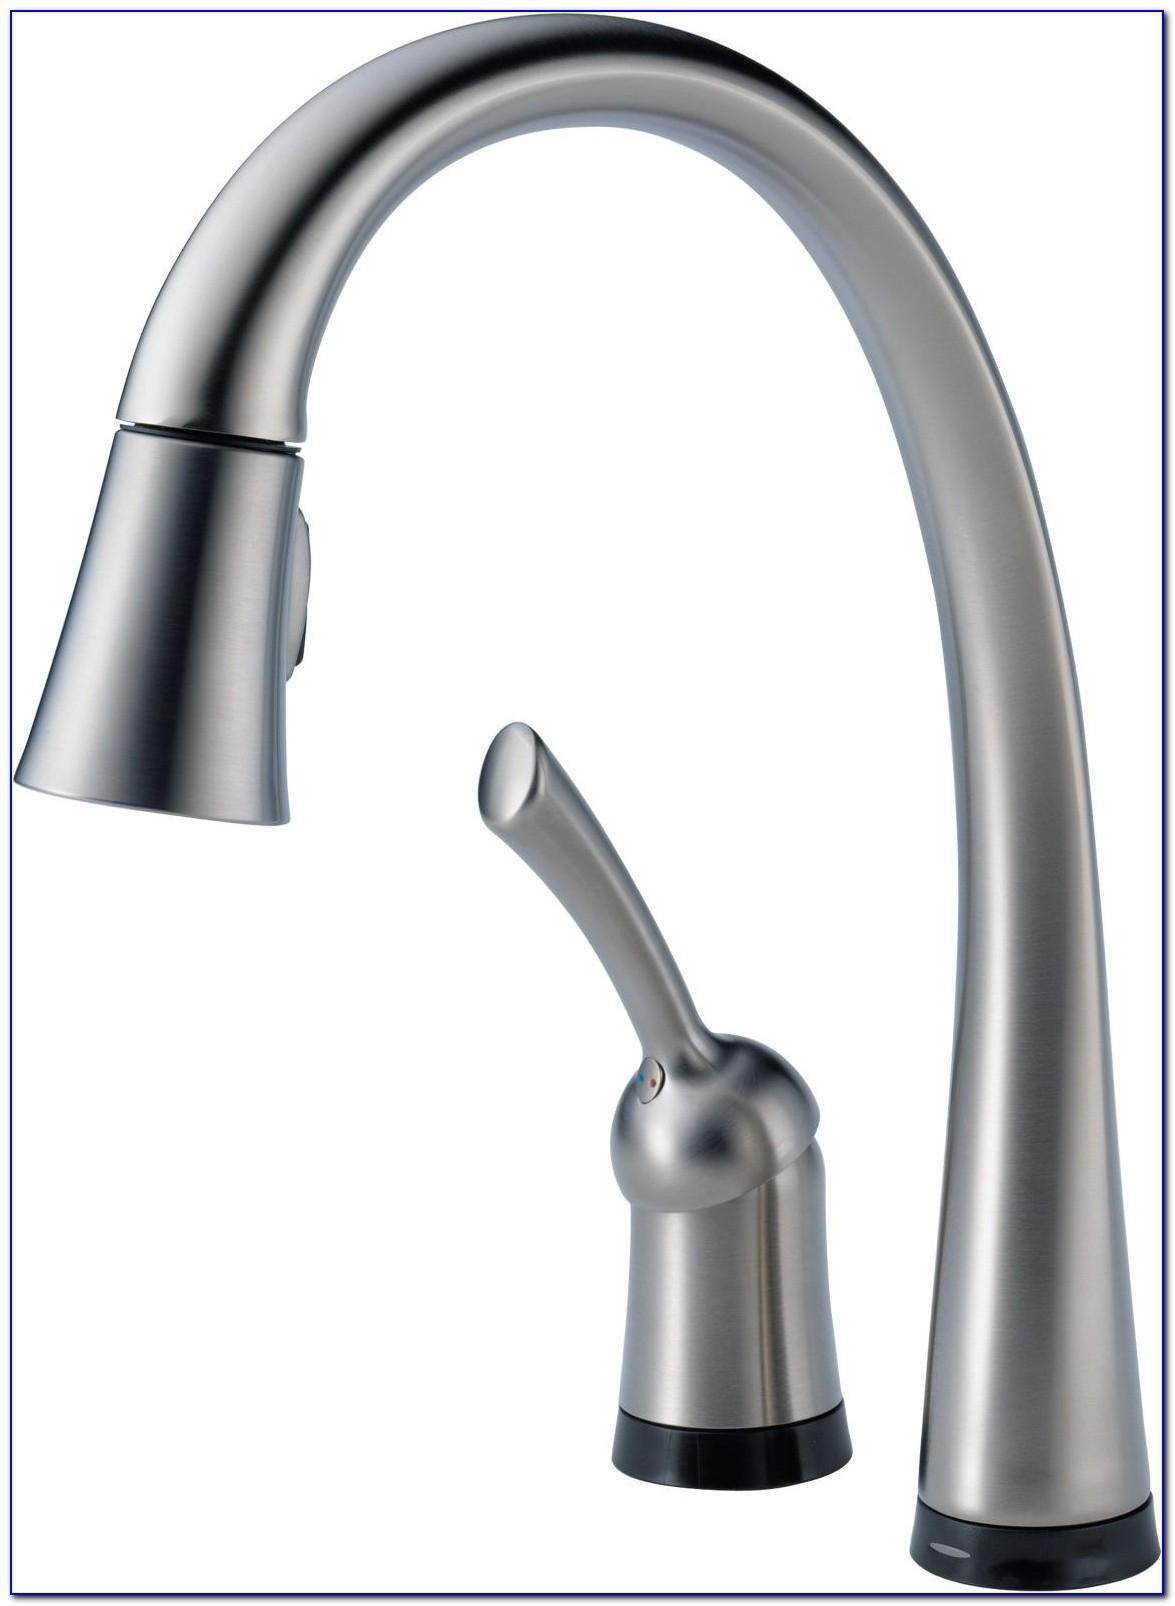 Touch Sensor Kitchen Sink Faucet